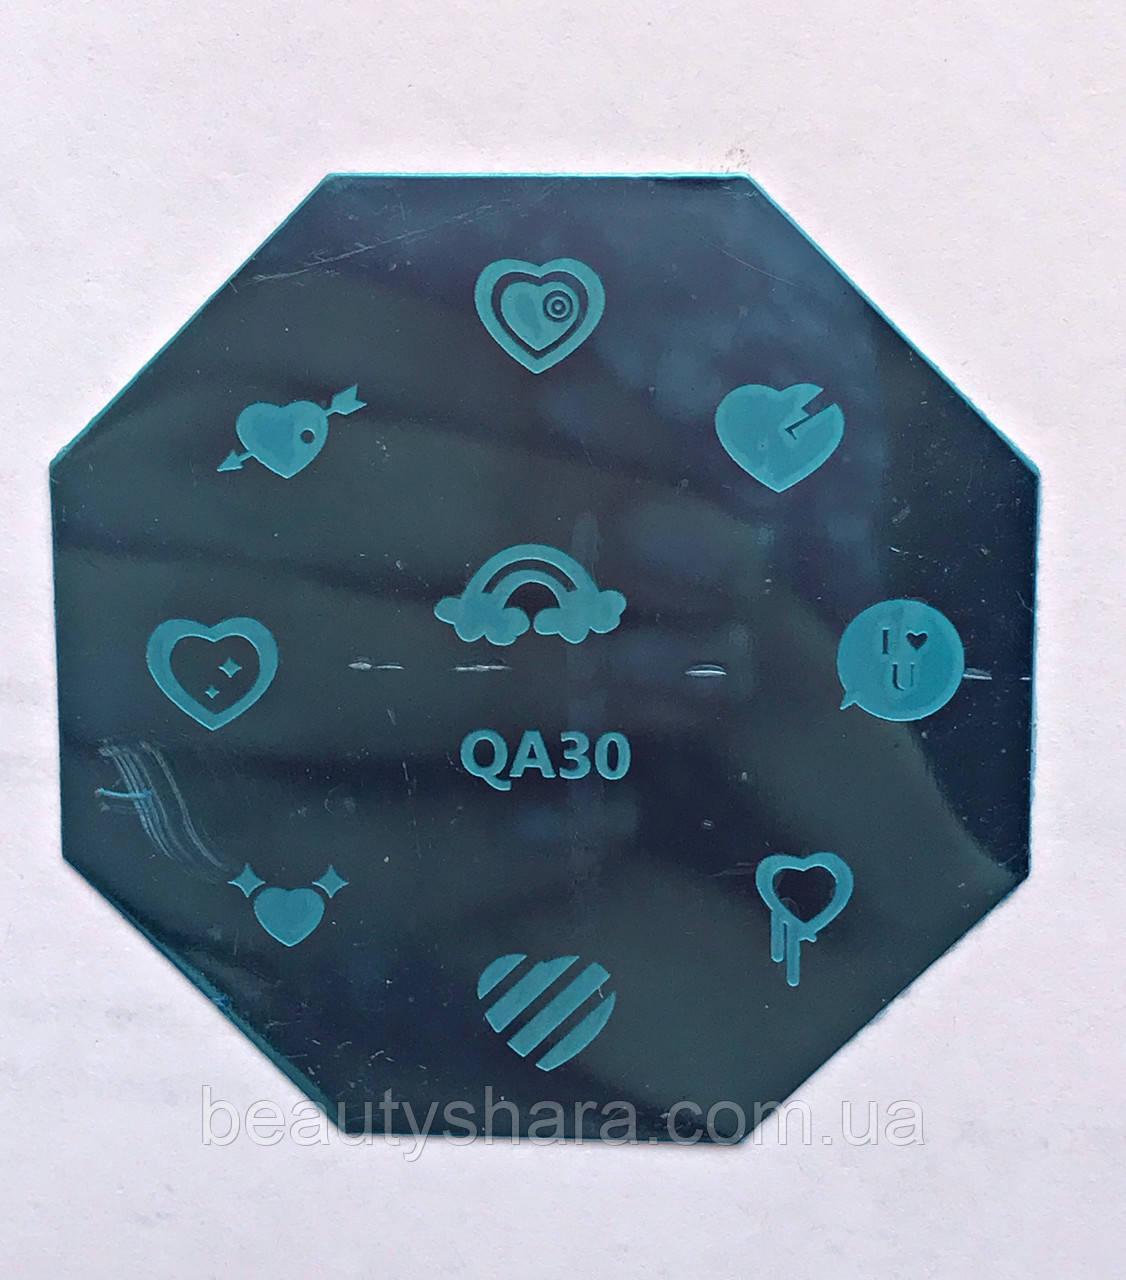 Пластина для стемпинга (металлическая) QA30